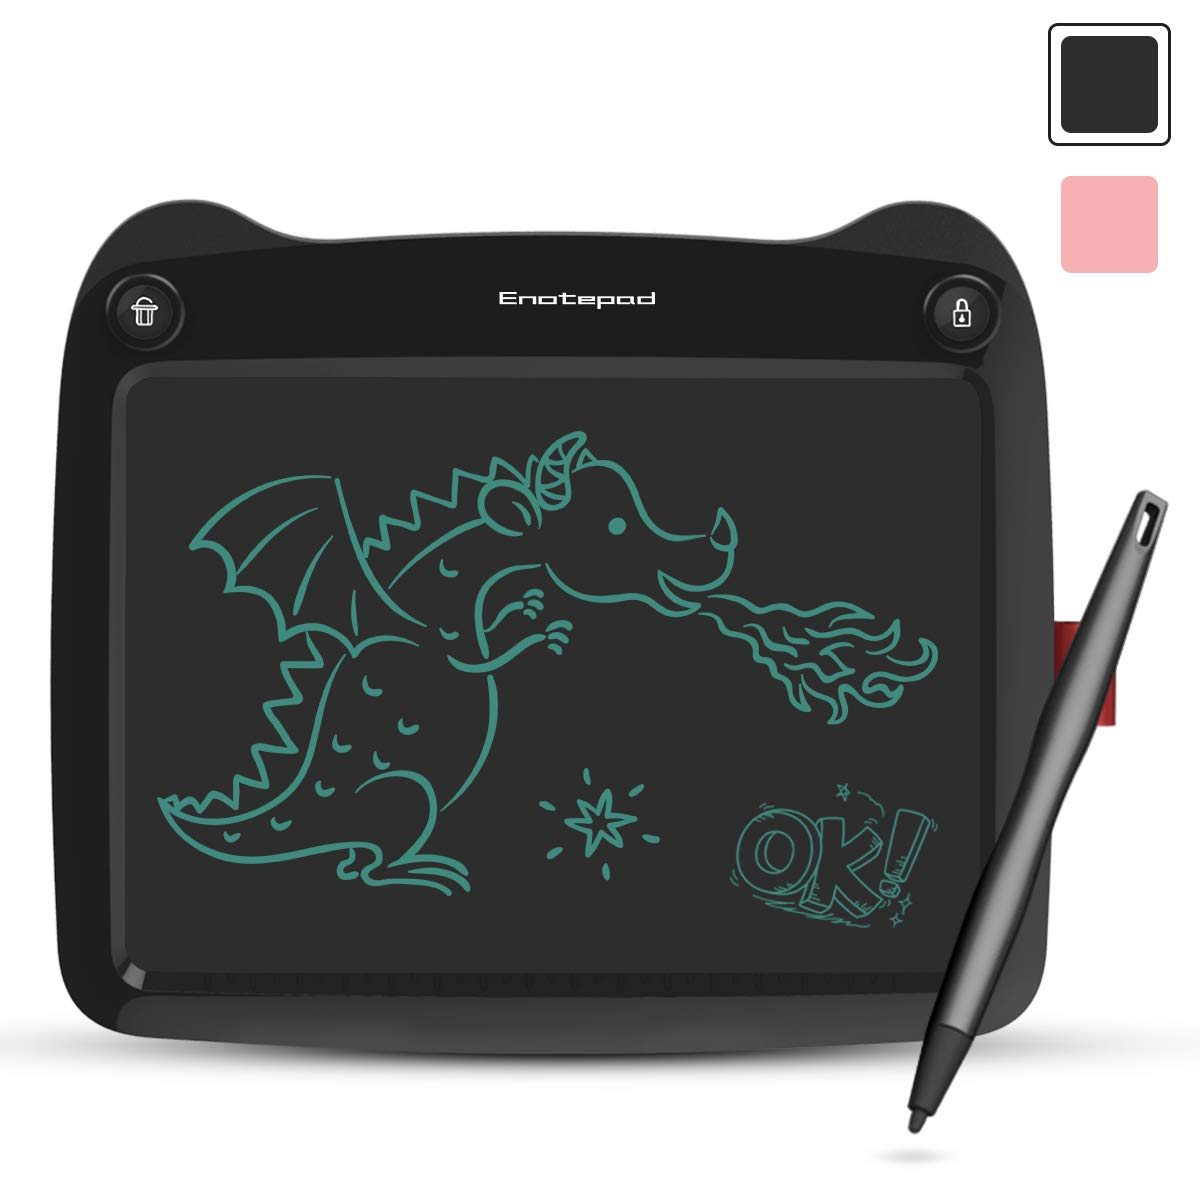 Gran Regalo Negro Tablero Escritura Dibujo Pintura Enotepad Tableta Escritura LCD 9 Pulgadas Tableros Doodle para Ni/ños Adultos